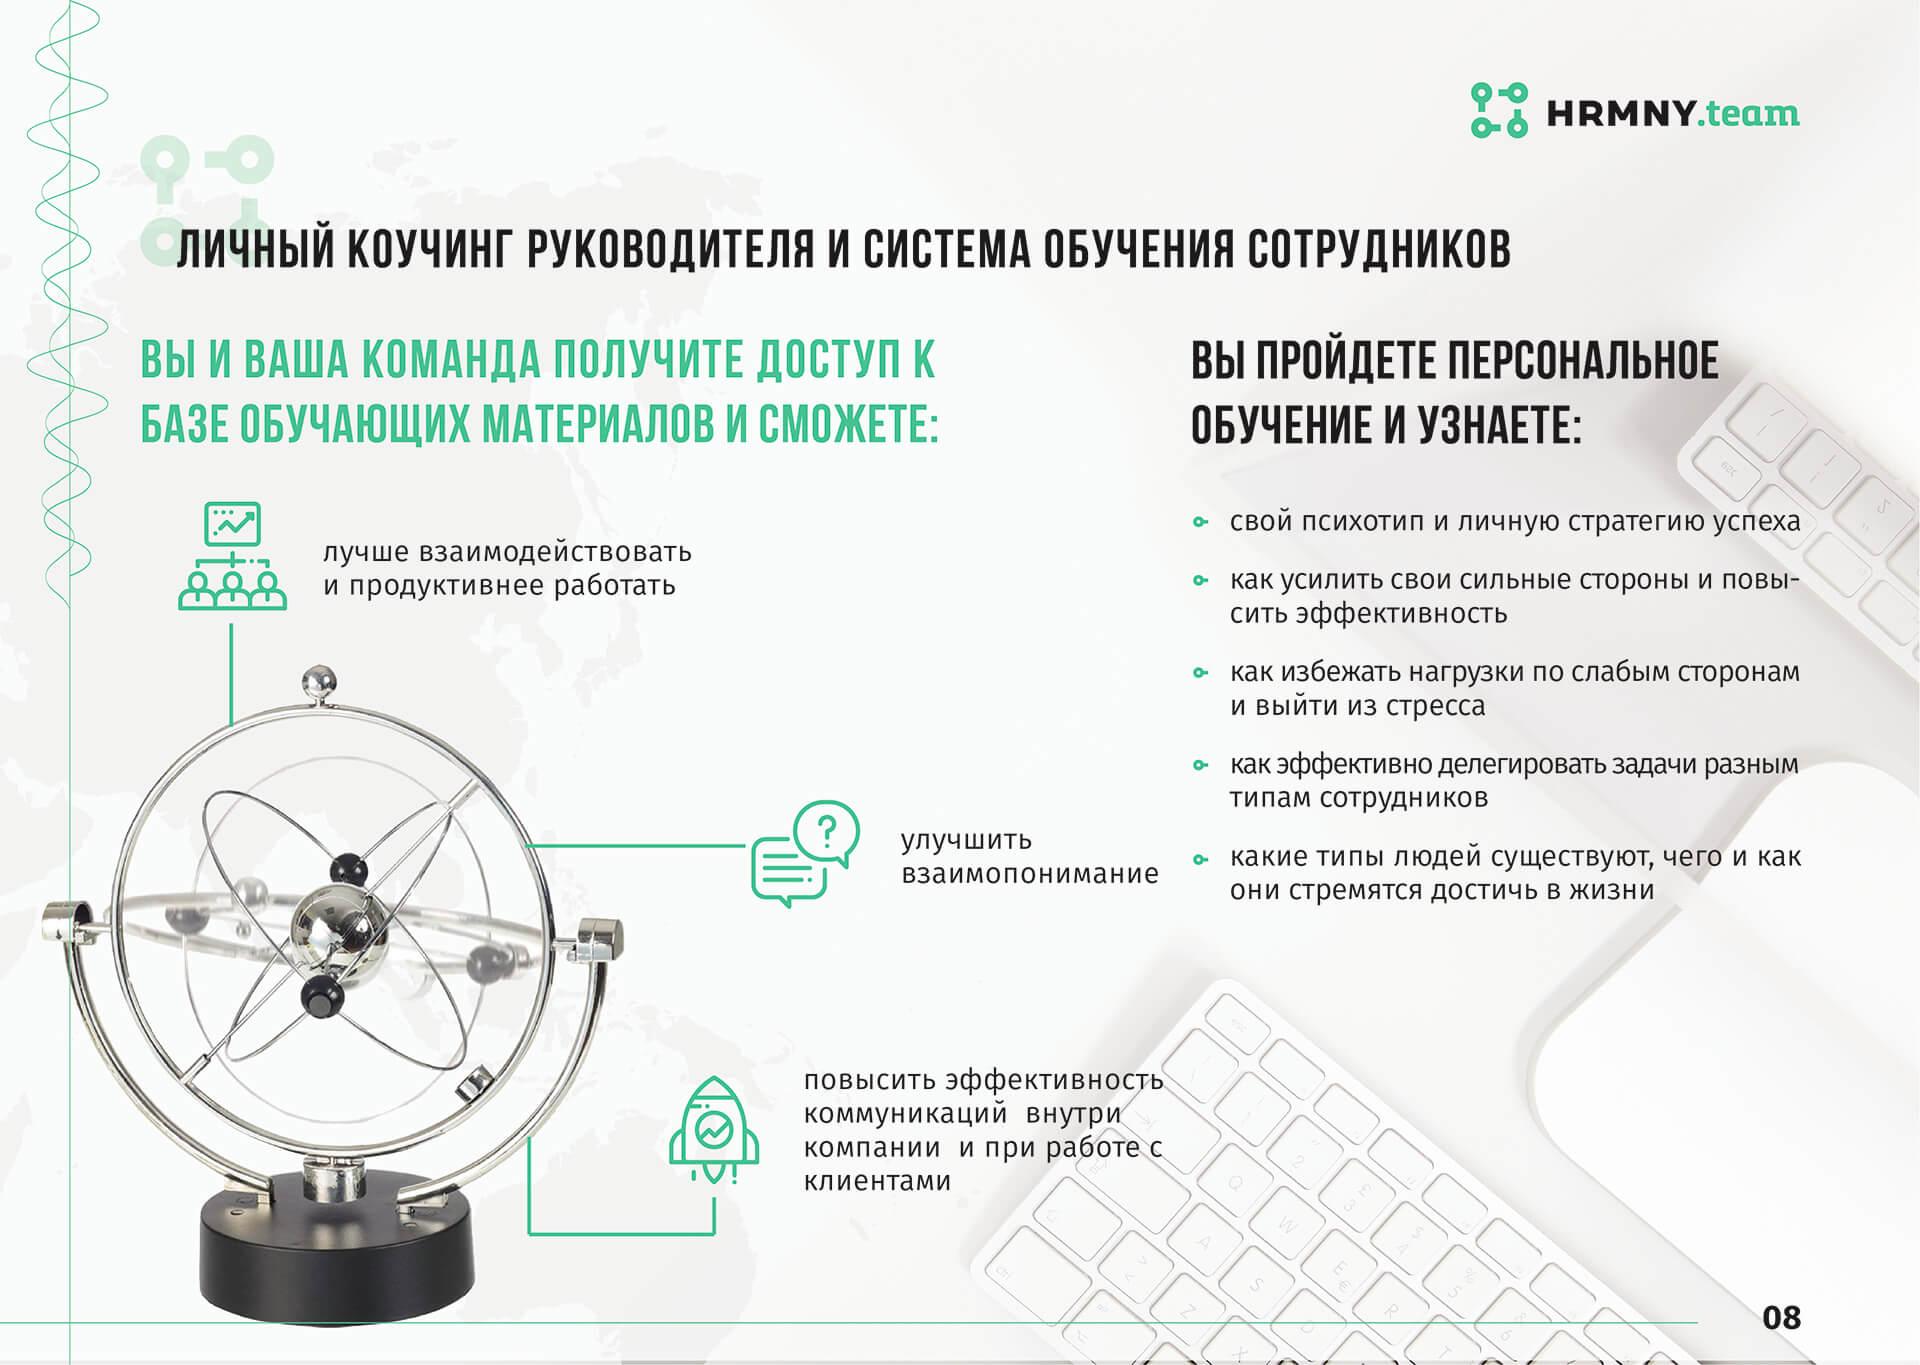 Презентация кадрового агентства образец, скачать пример powerpoint